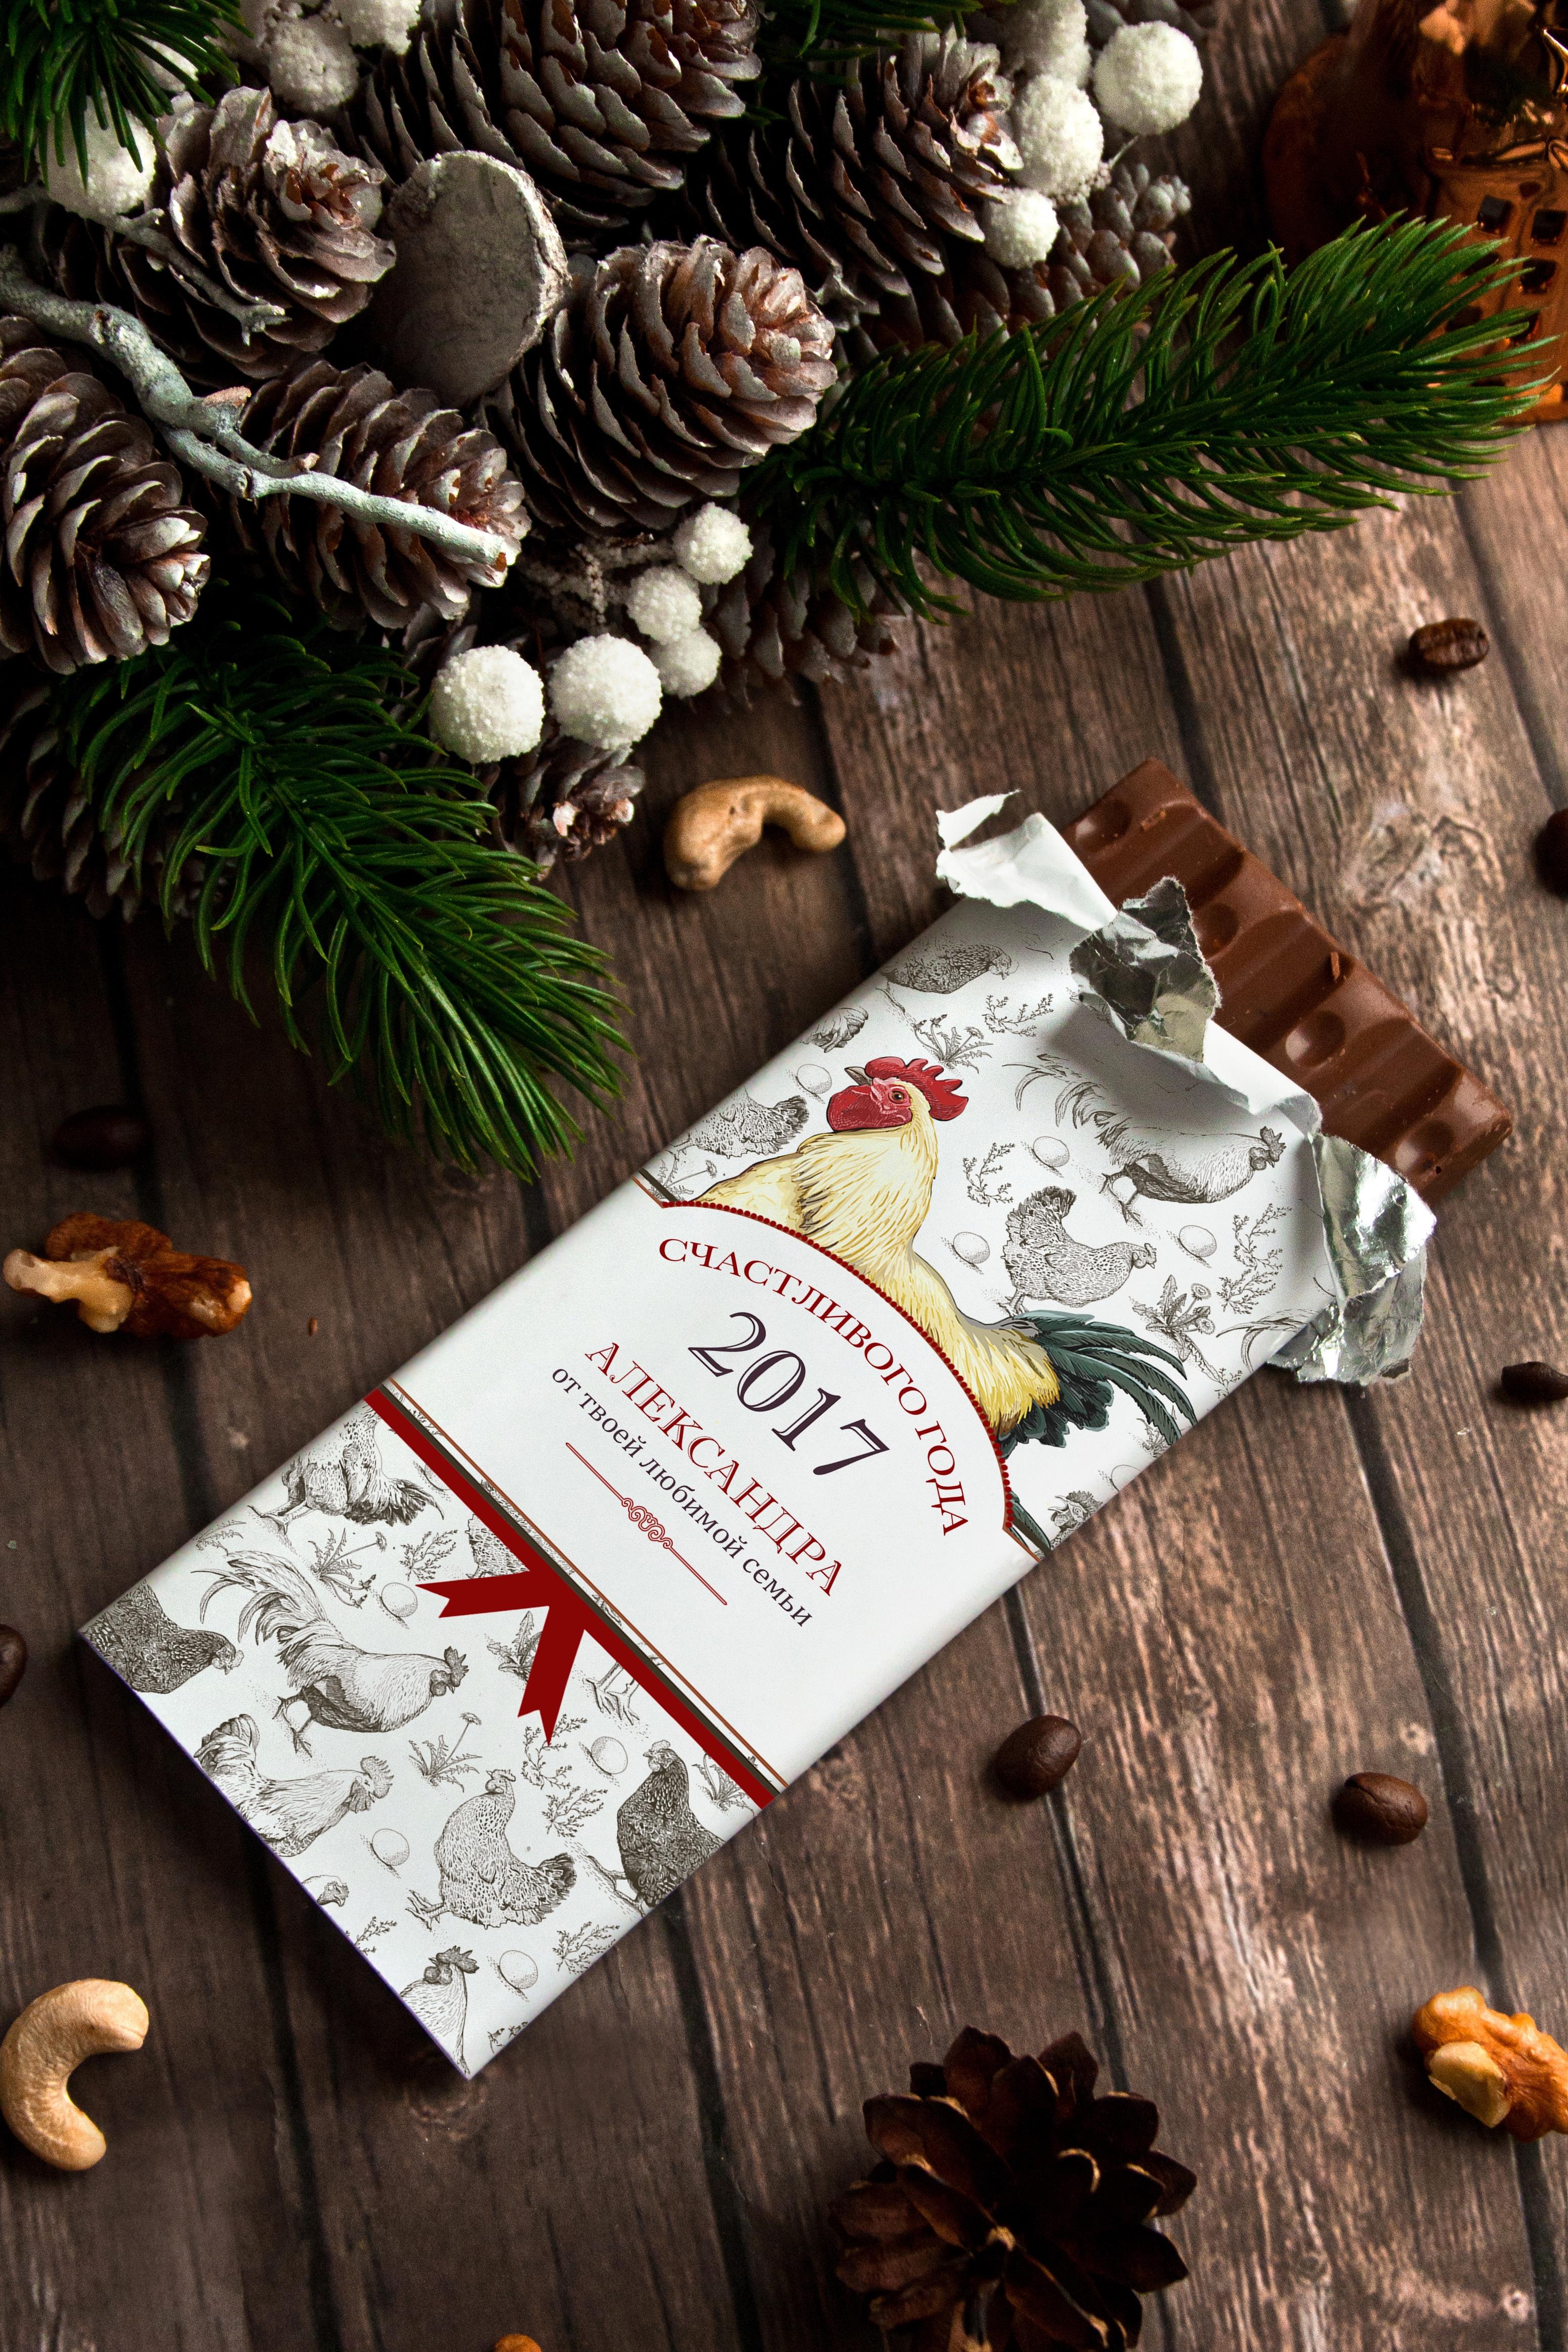 Шоколад с Вашим именем ПтицефермаПодарки для женщин<br>Молочный шоколад с изюмом и орехами в персональной именной упаковке будет приятным сувениром для сладкоежки! Масса - 90г.<br>